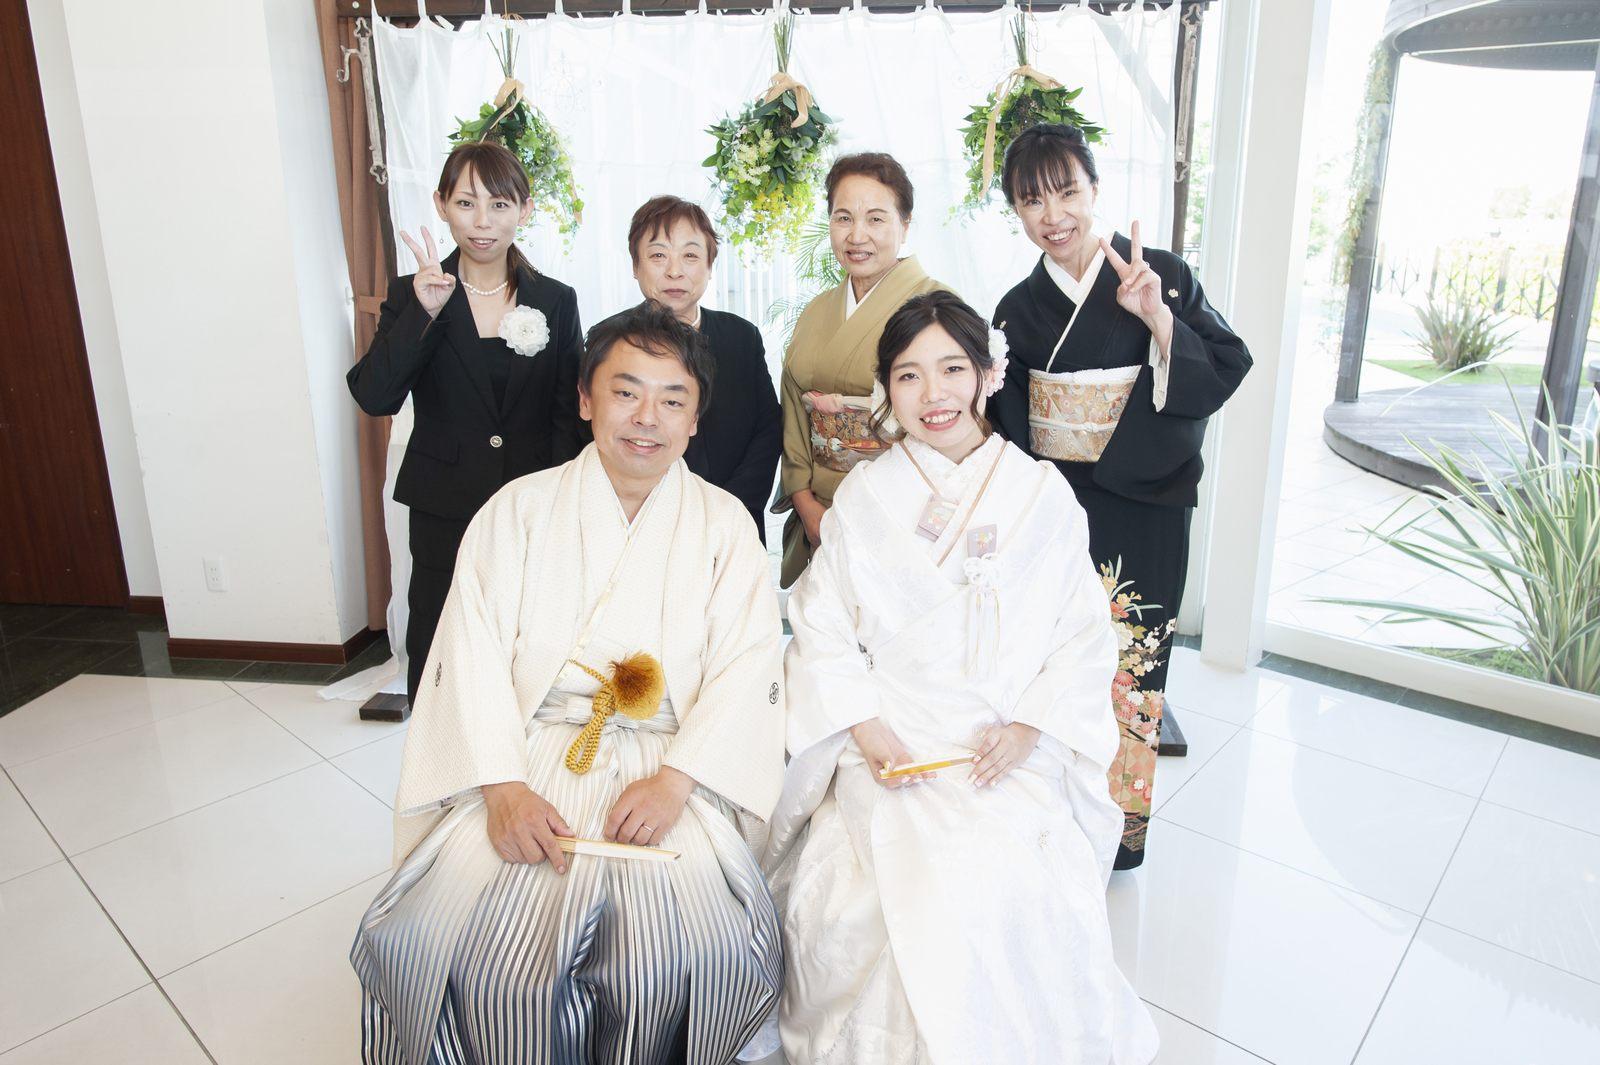 徳島市の結婚式場ブランアンジュの披露宴会場でゲストと一緒に笑顔で写真撮影